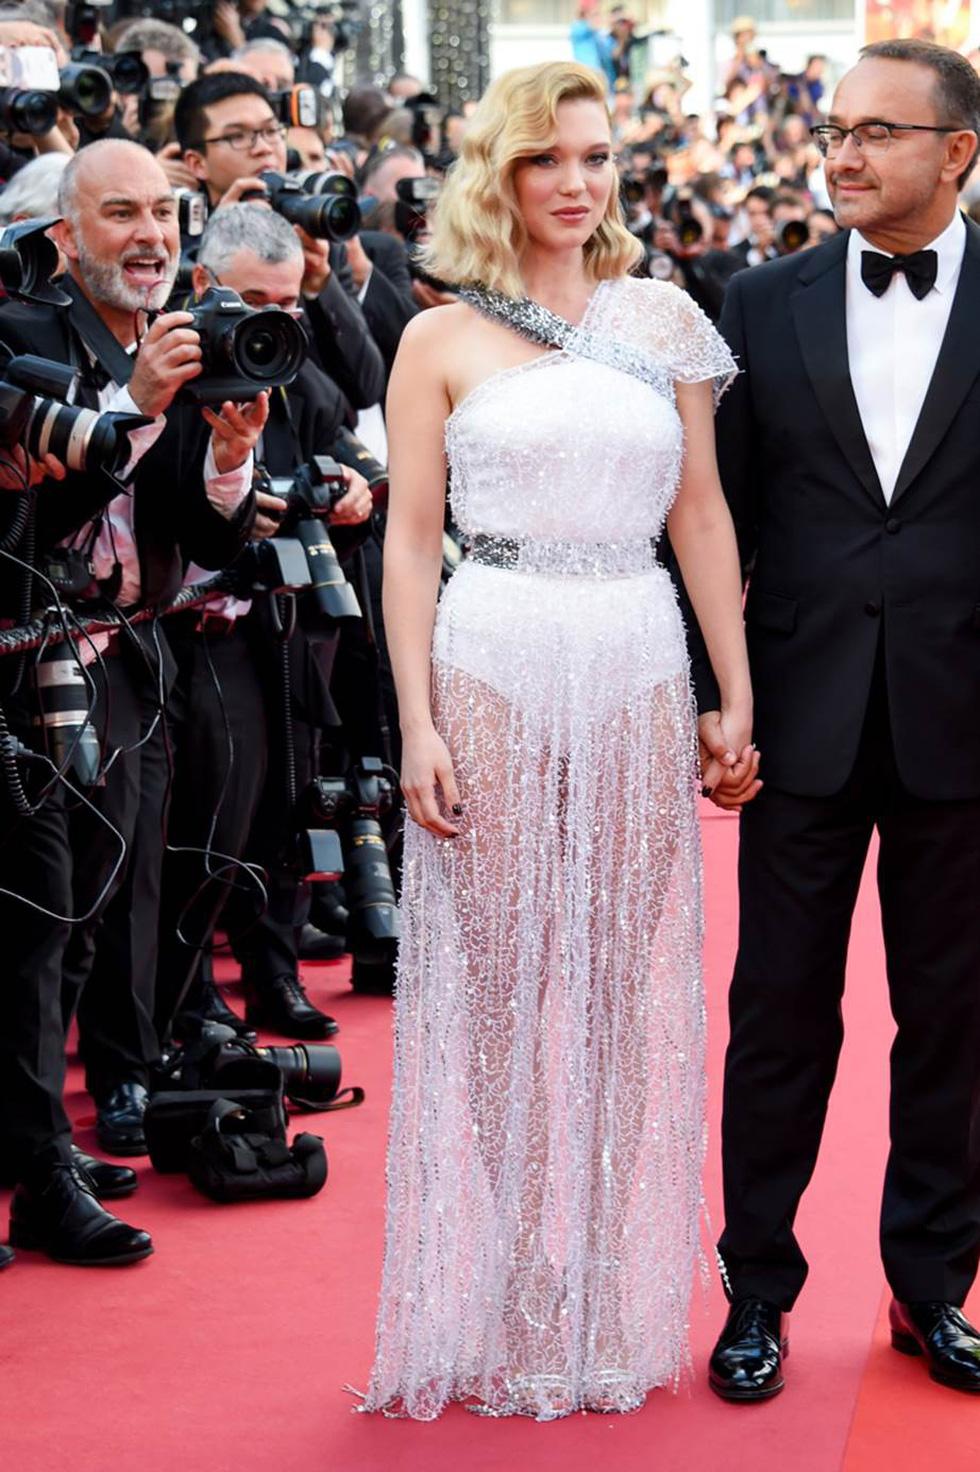 Cate Blanchett mặc đồ cũ, dàn sao nữ lộng lẫy trên thảm đỏ Cannes - Ảnh 7.